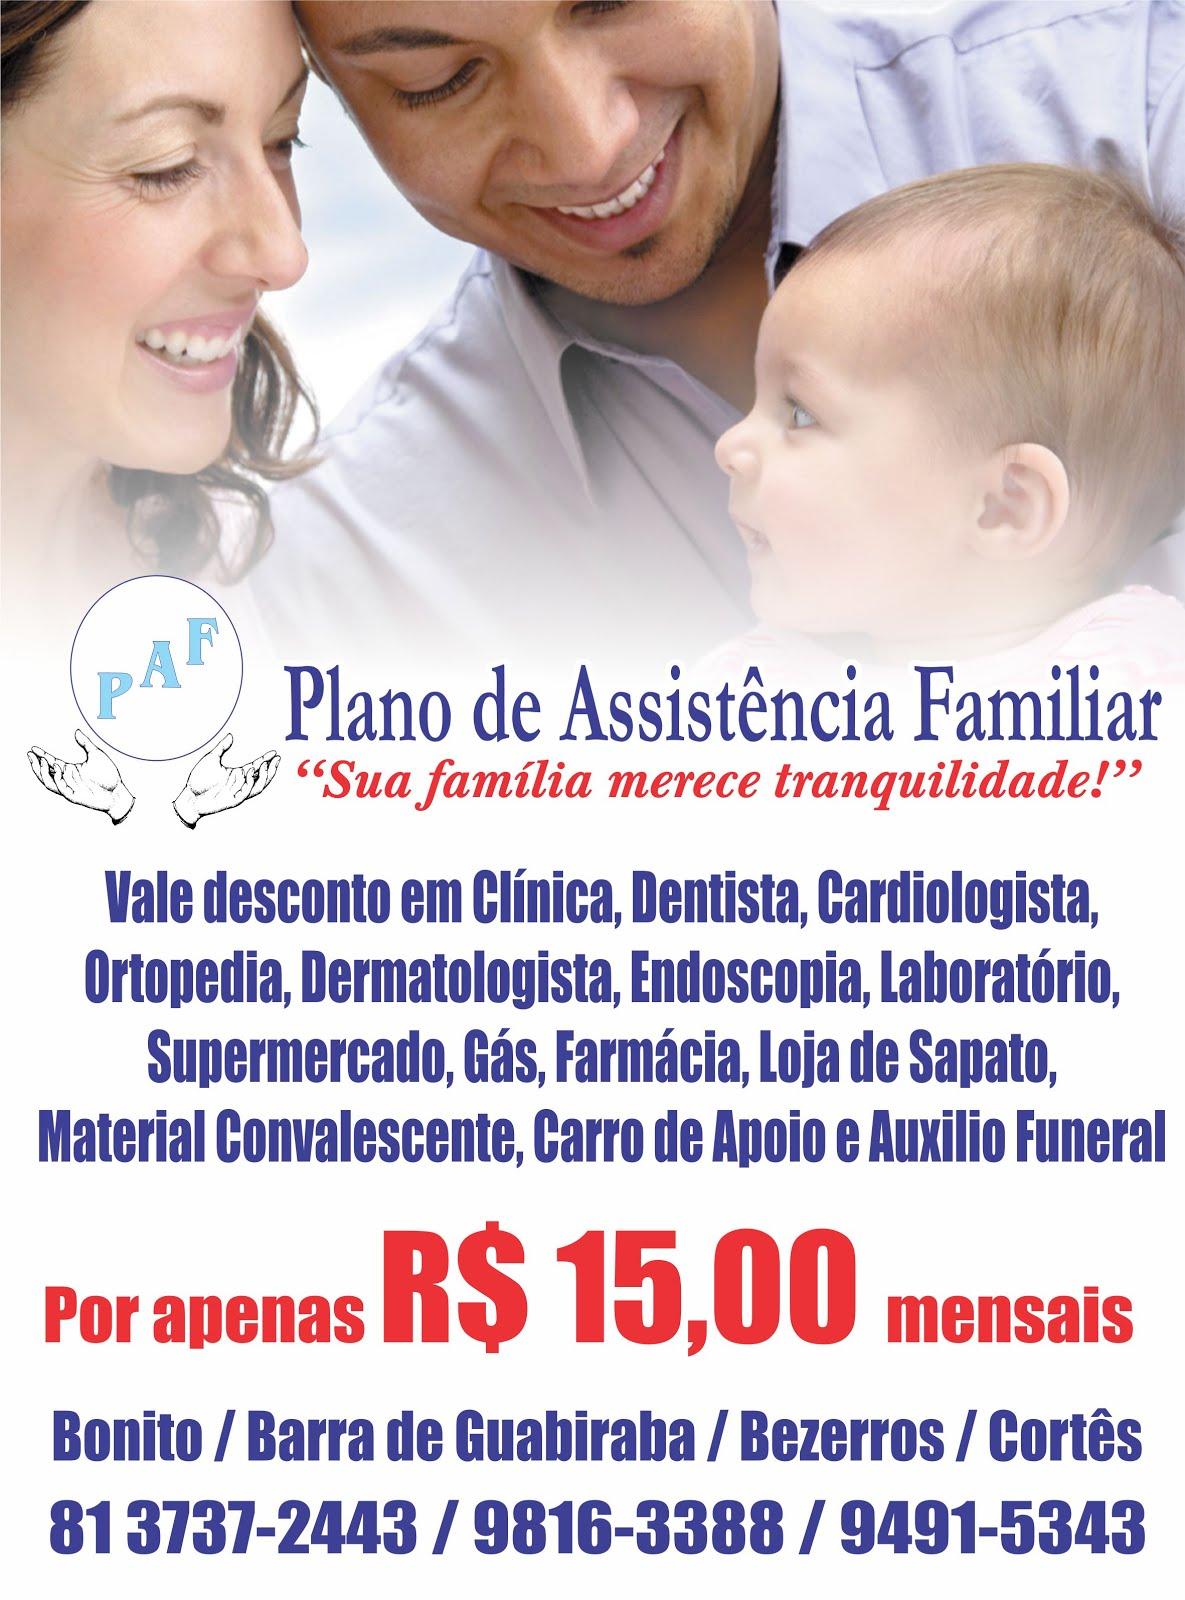 Publicidade - PAF | Plano de Assistência Familiar